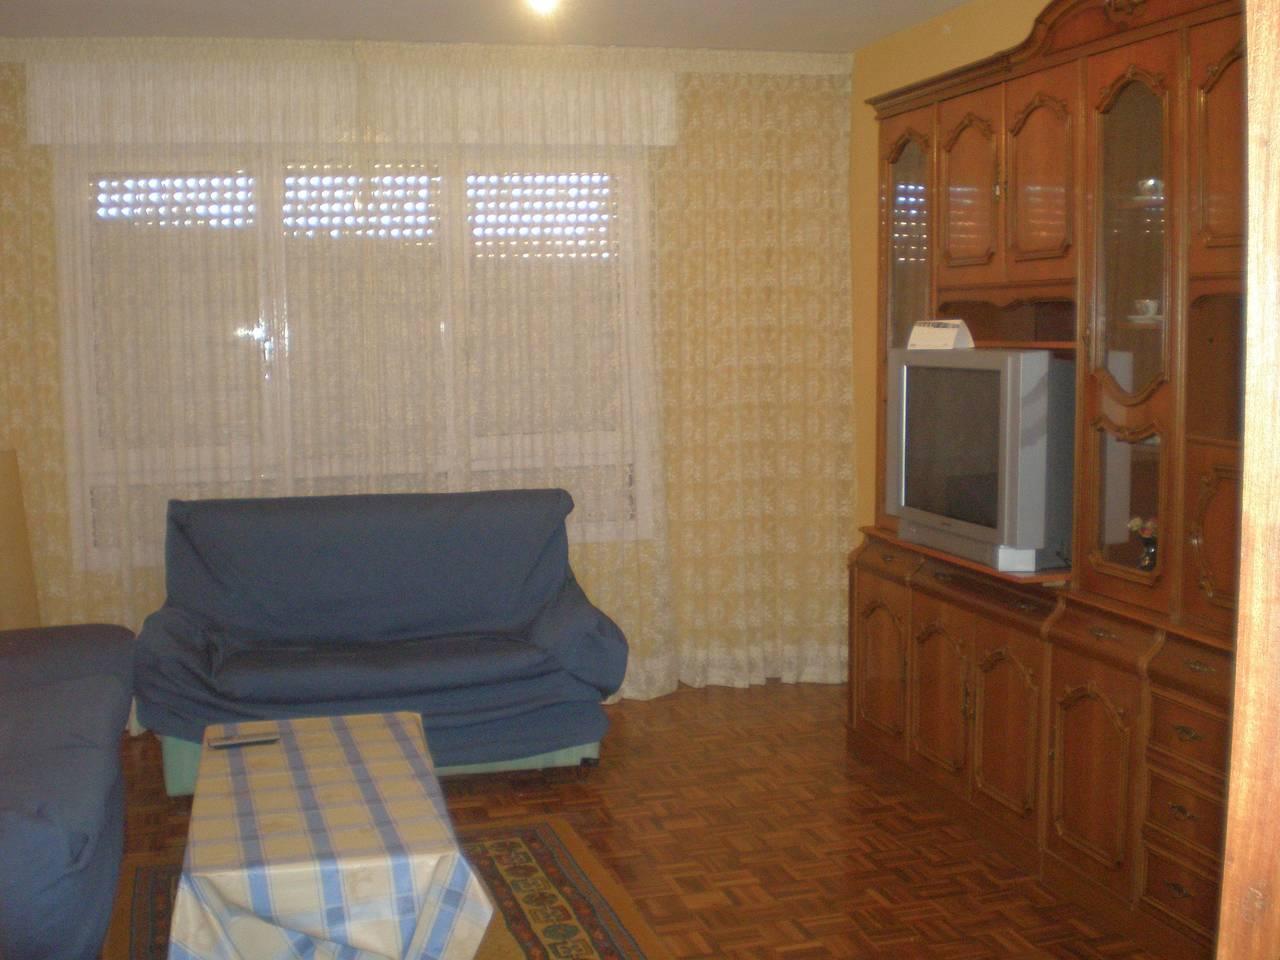 en soria se alquilan una habitacion en piso compartido  - Foto 34